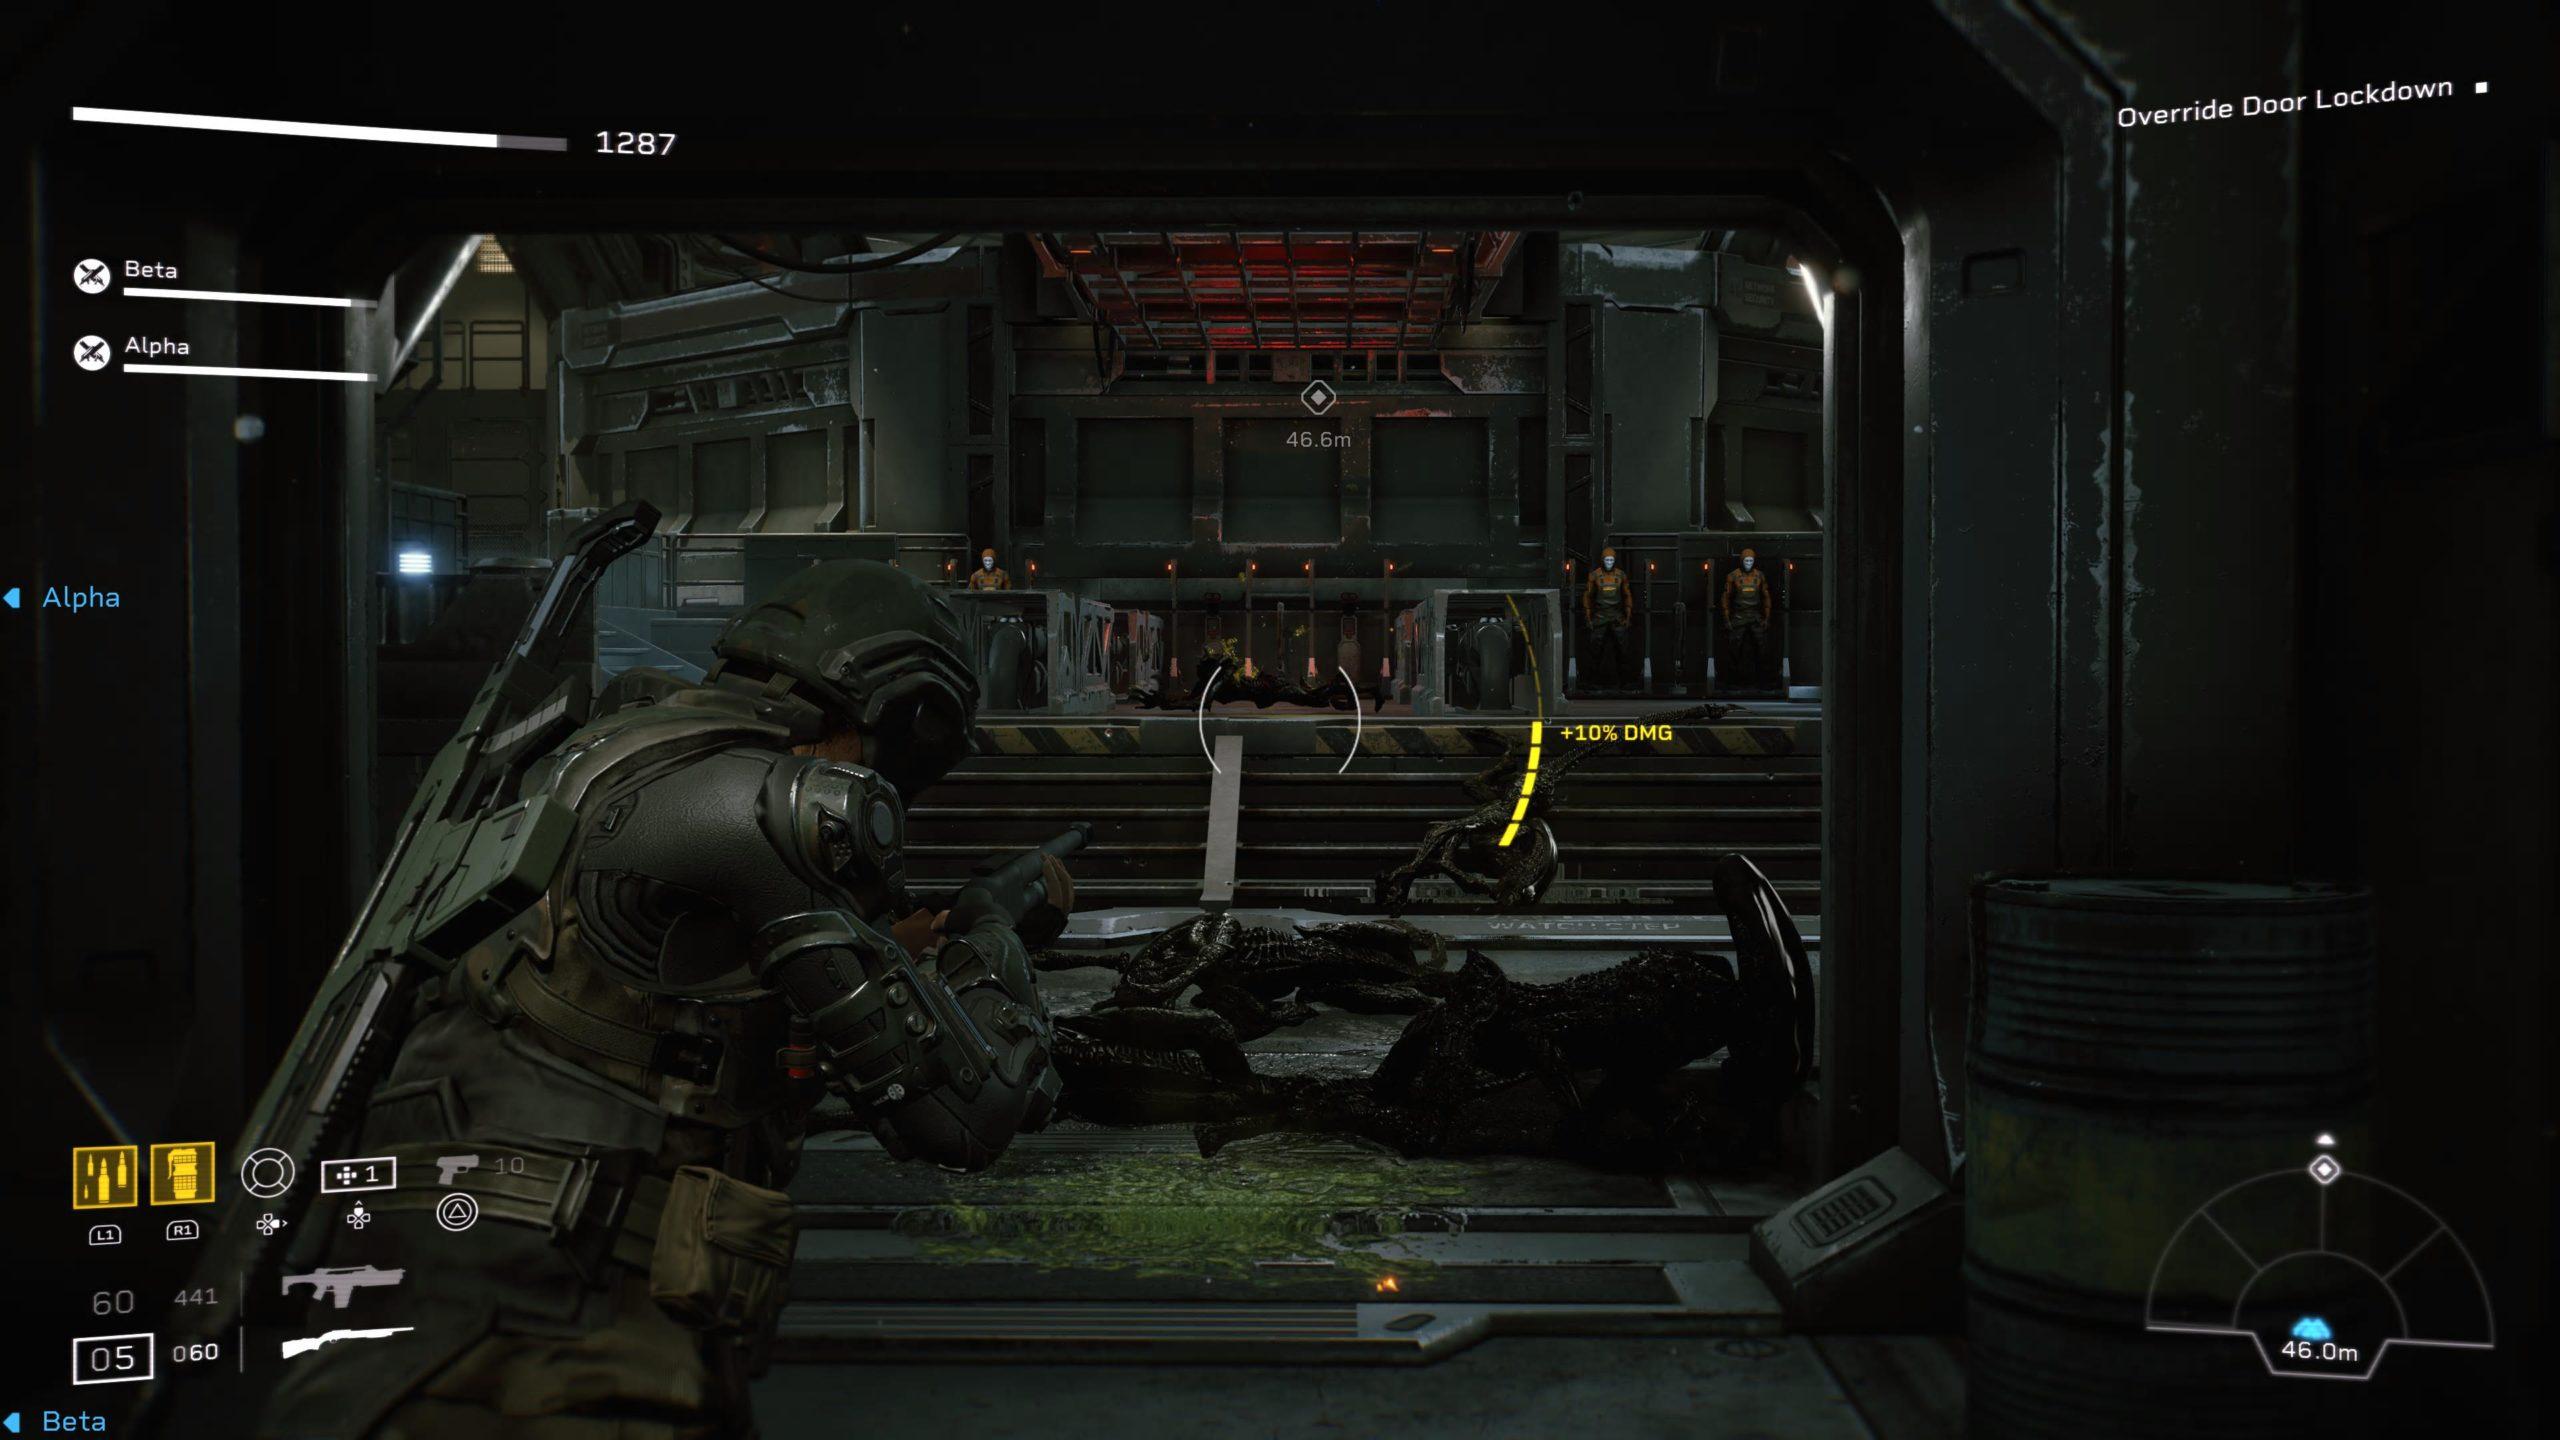 Les corridors de la station seront jonchés des restes de vos ennemis après un combat